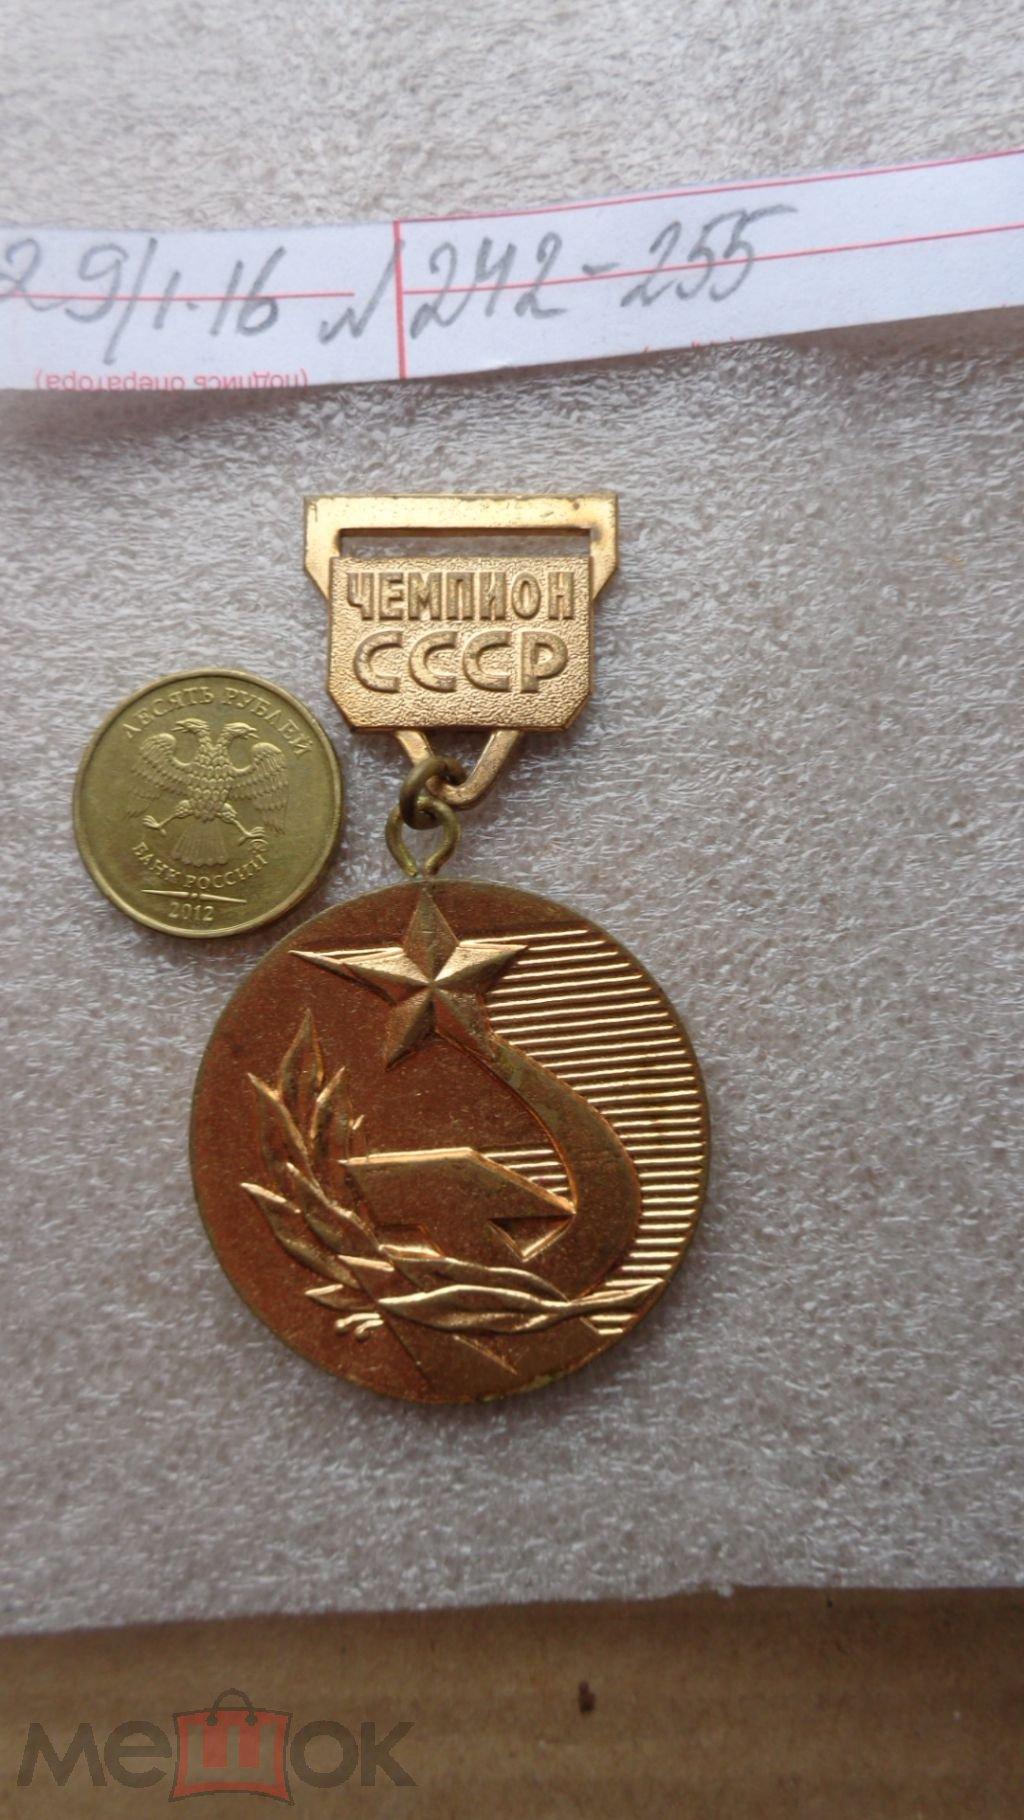 Большая нашейная медаль  Чемпион СССР  именная